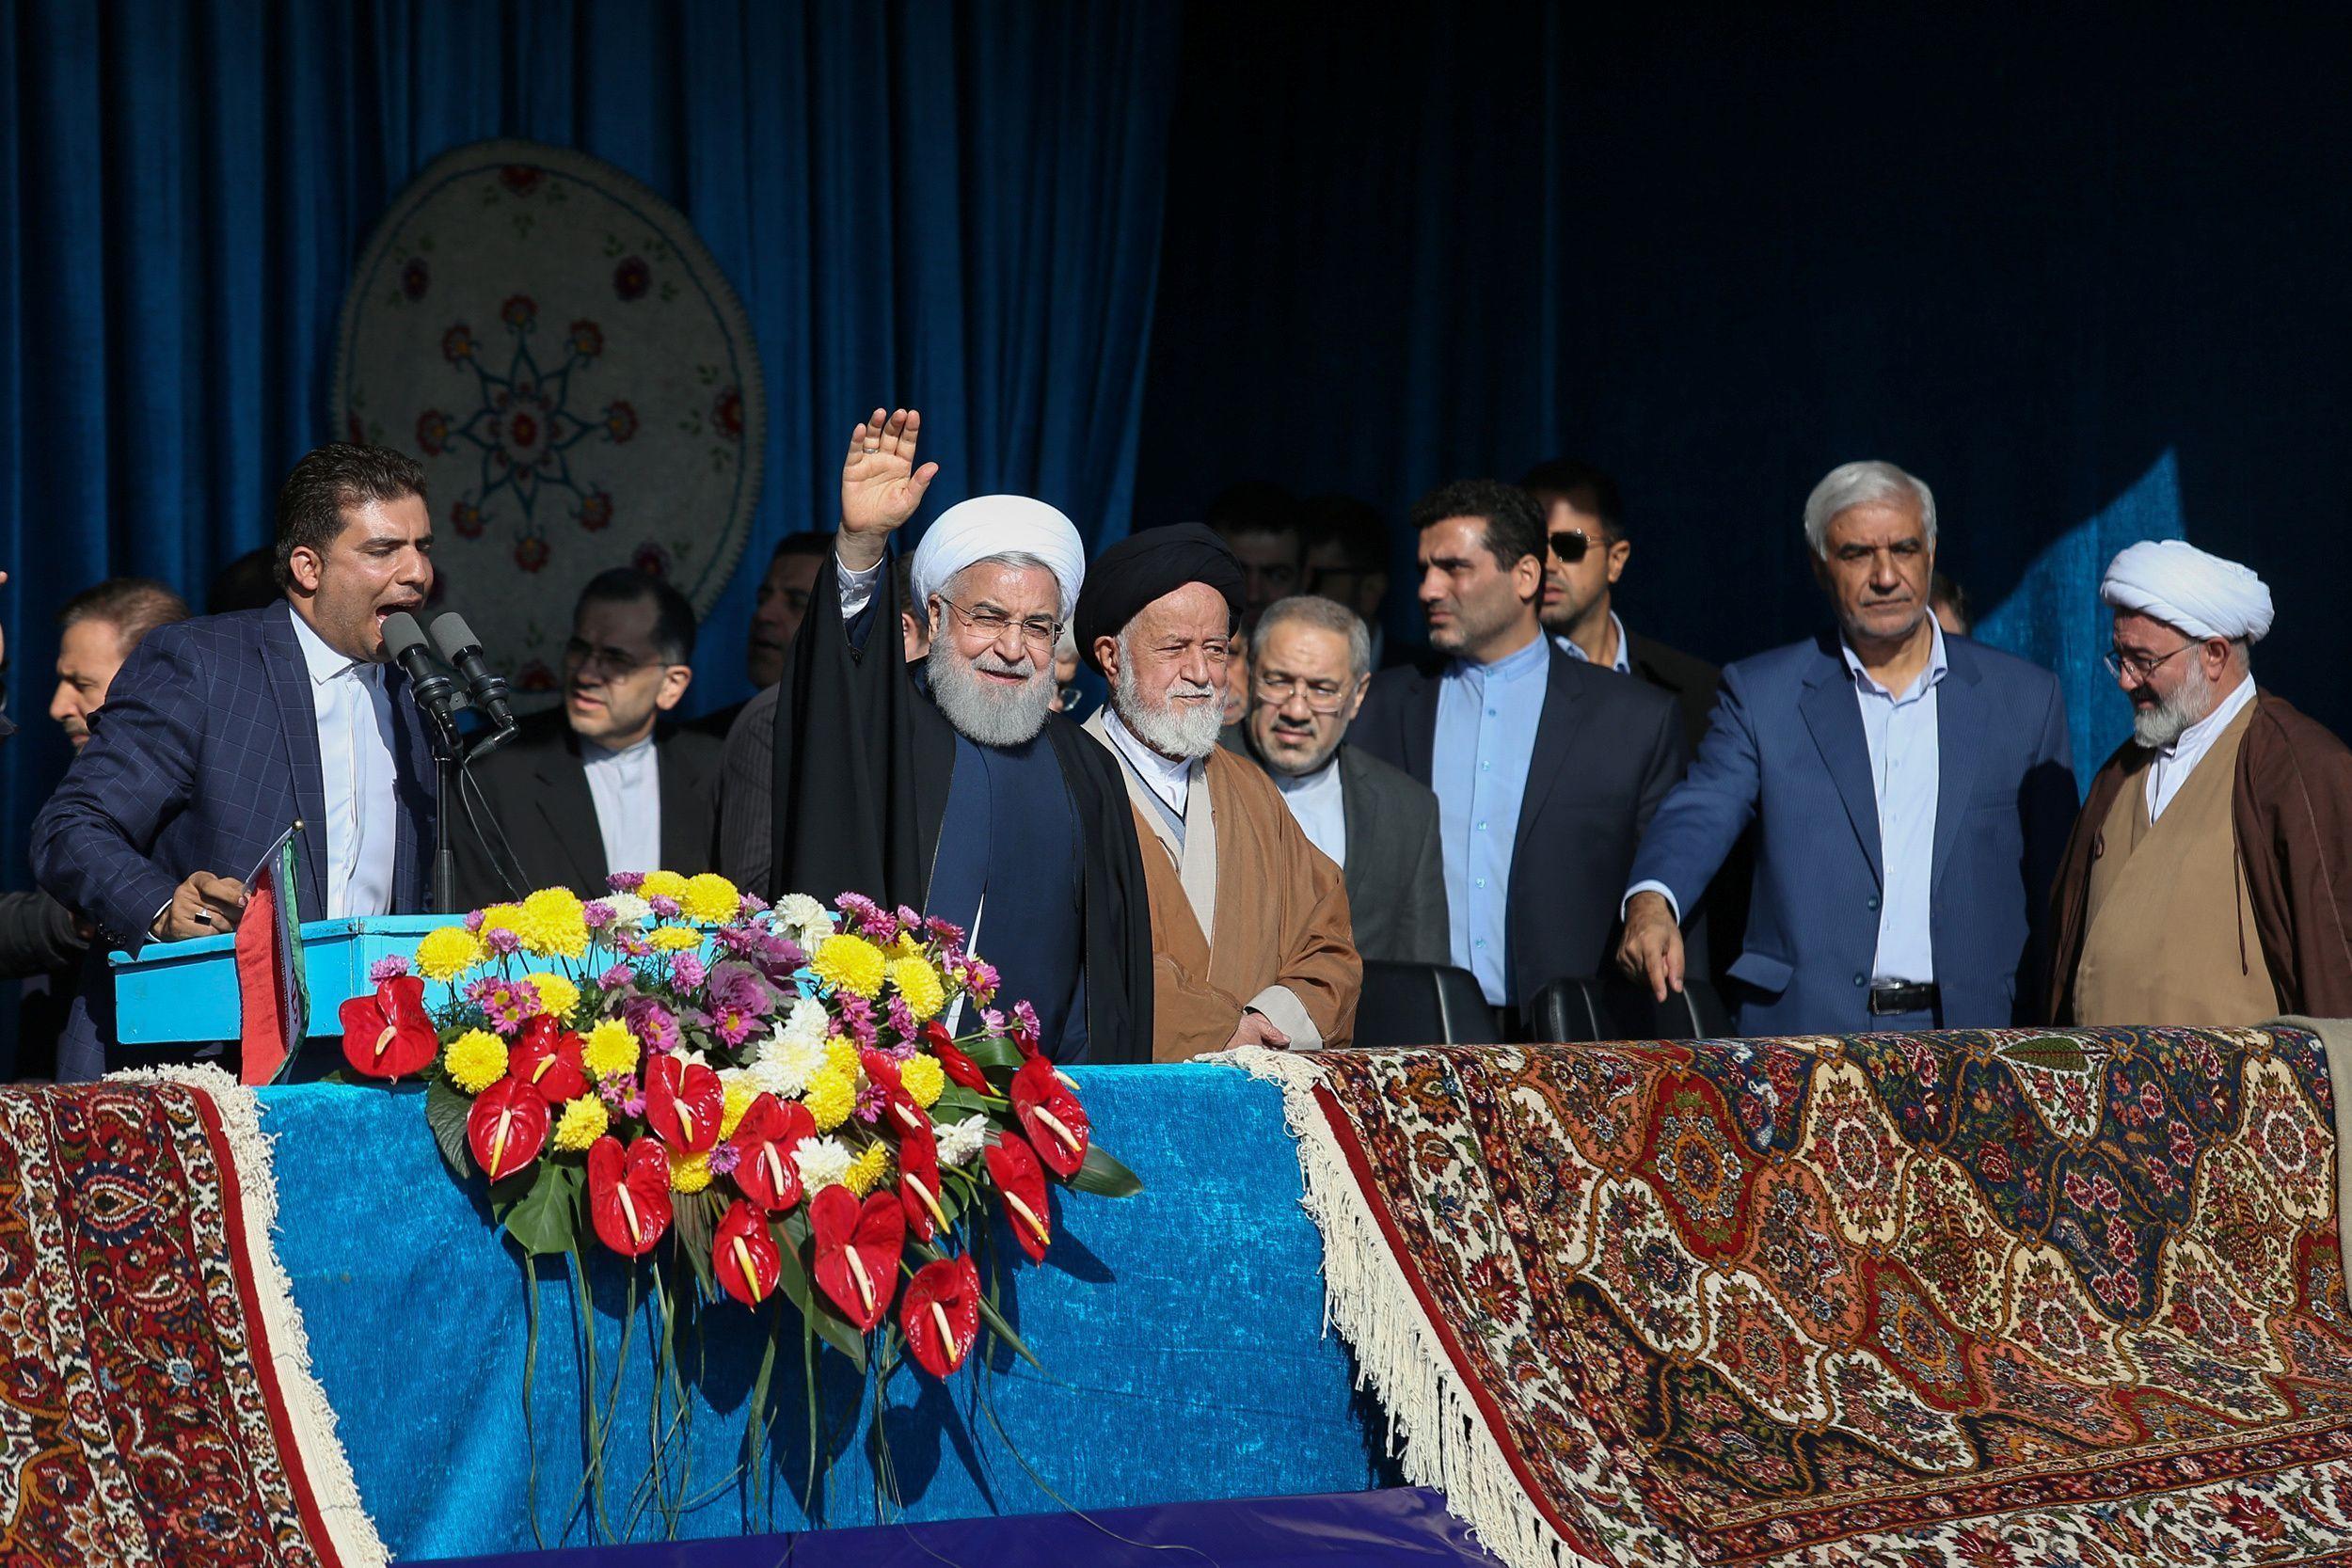 2018-12-04T093651Z_399849805_RC171CB1D5C0_RTRMADP_3_OIL-IRAN